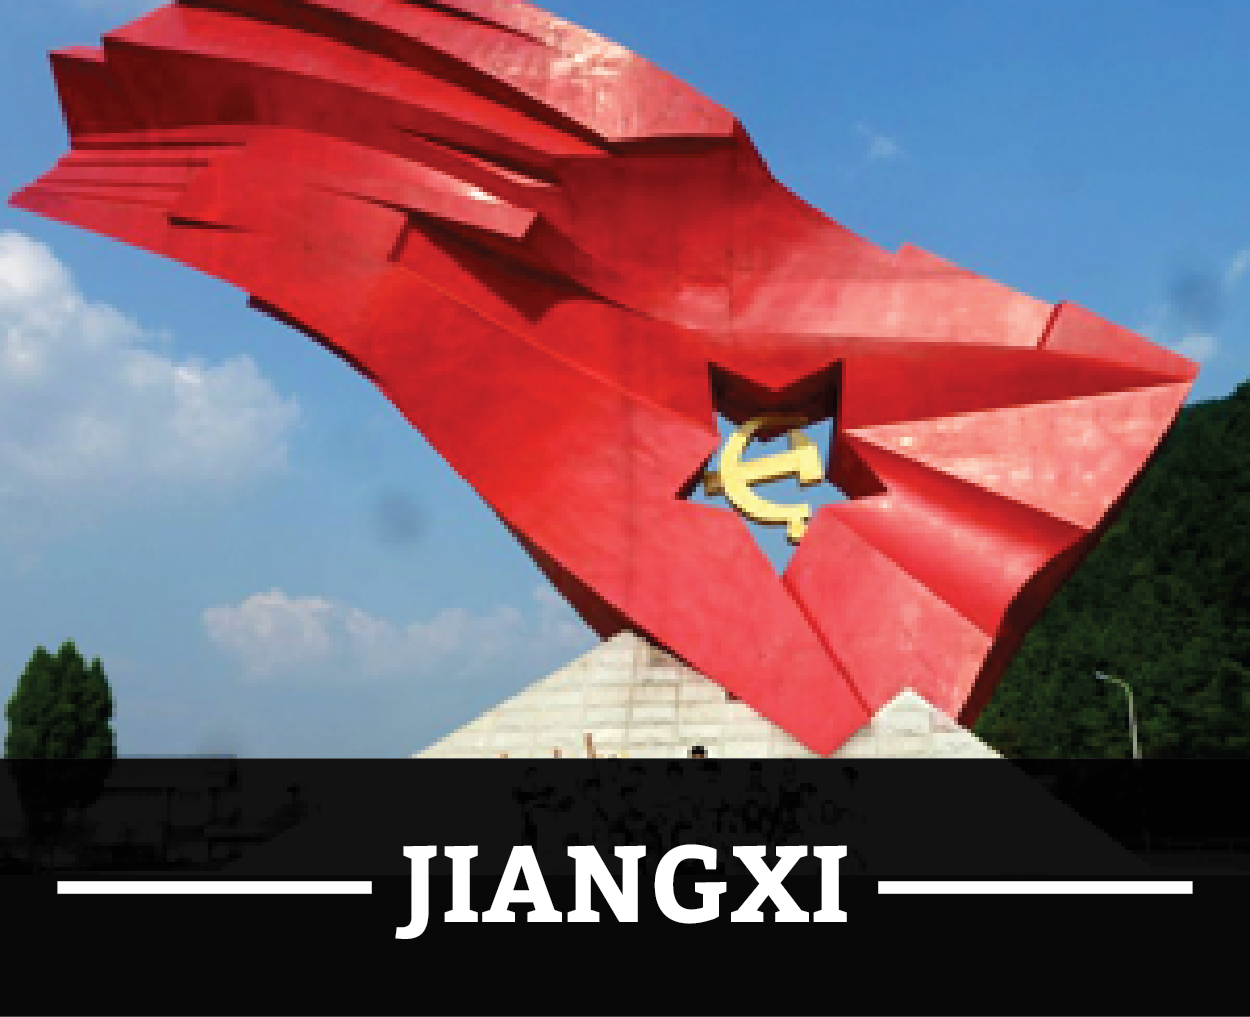 B4_jiangxi